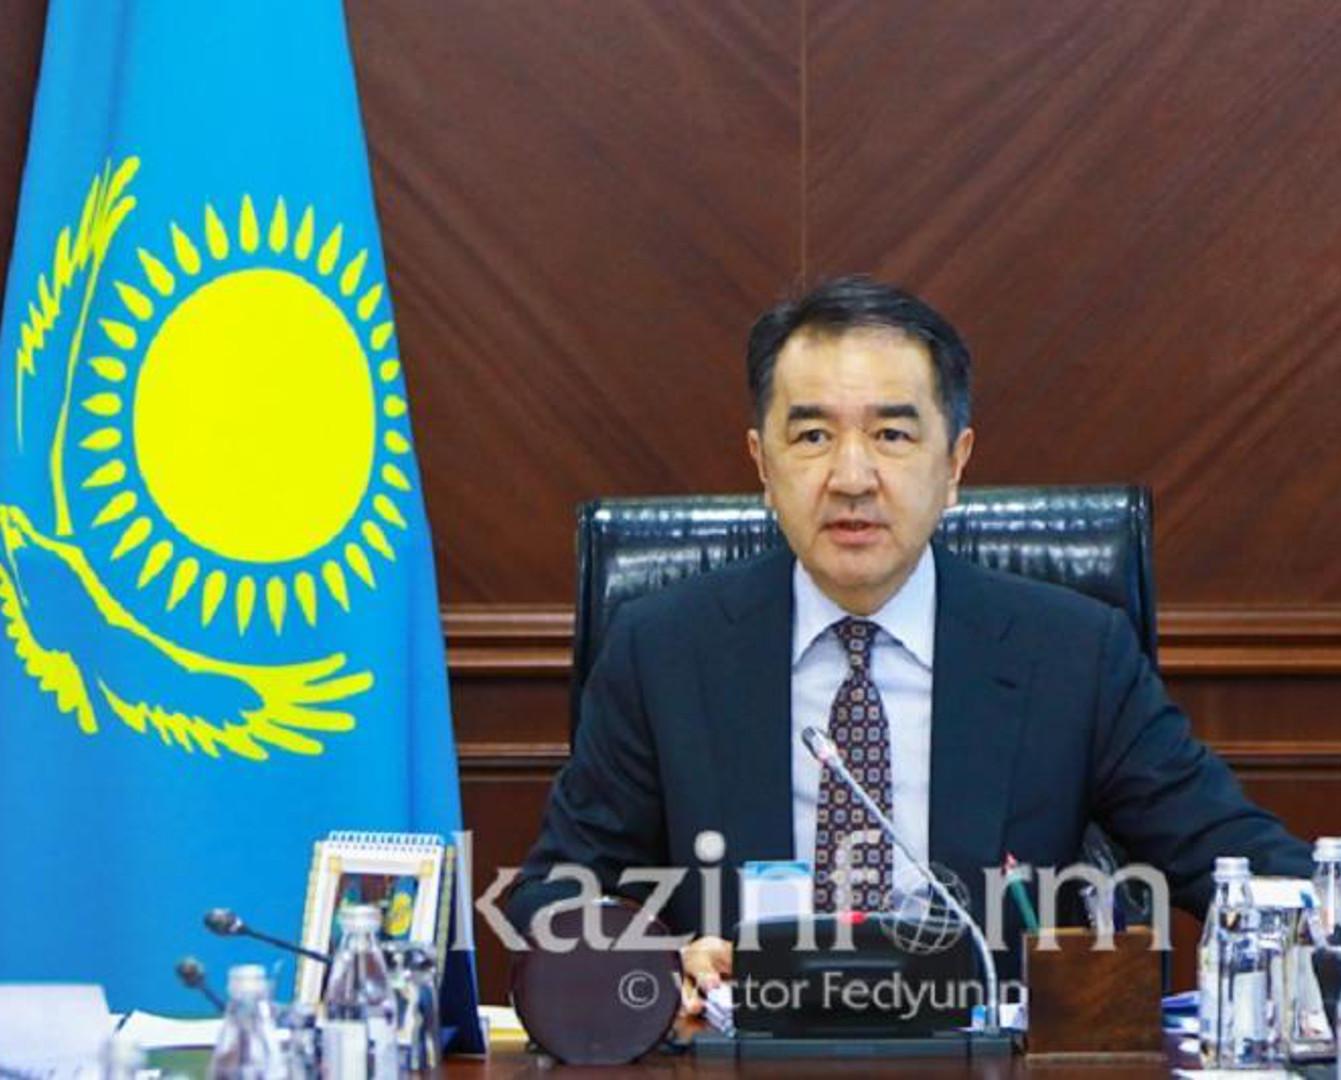 萨金塔耶夫向突厥斯坦州州长和奇姆肯特市市长表示祝贺